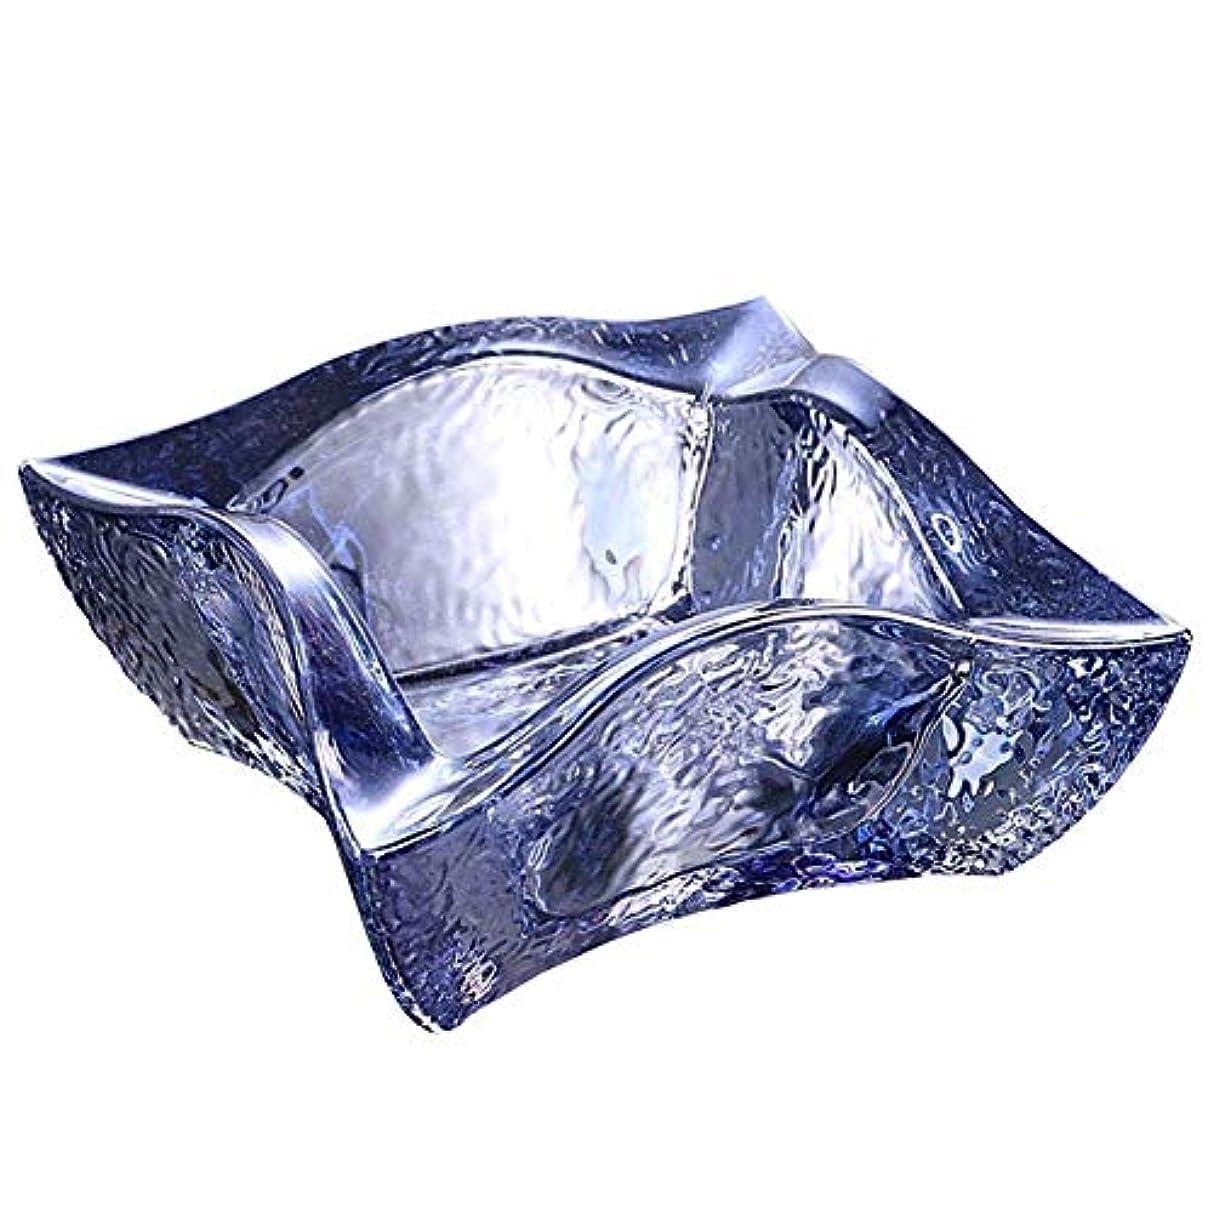 一緒に入口抑圧するファッション透明ガラスクリスタル灰皿クリエイティブオフィスリビングルームの装飾多機能灰皿(色:アクアブルー)